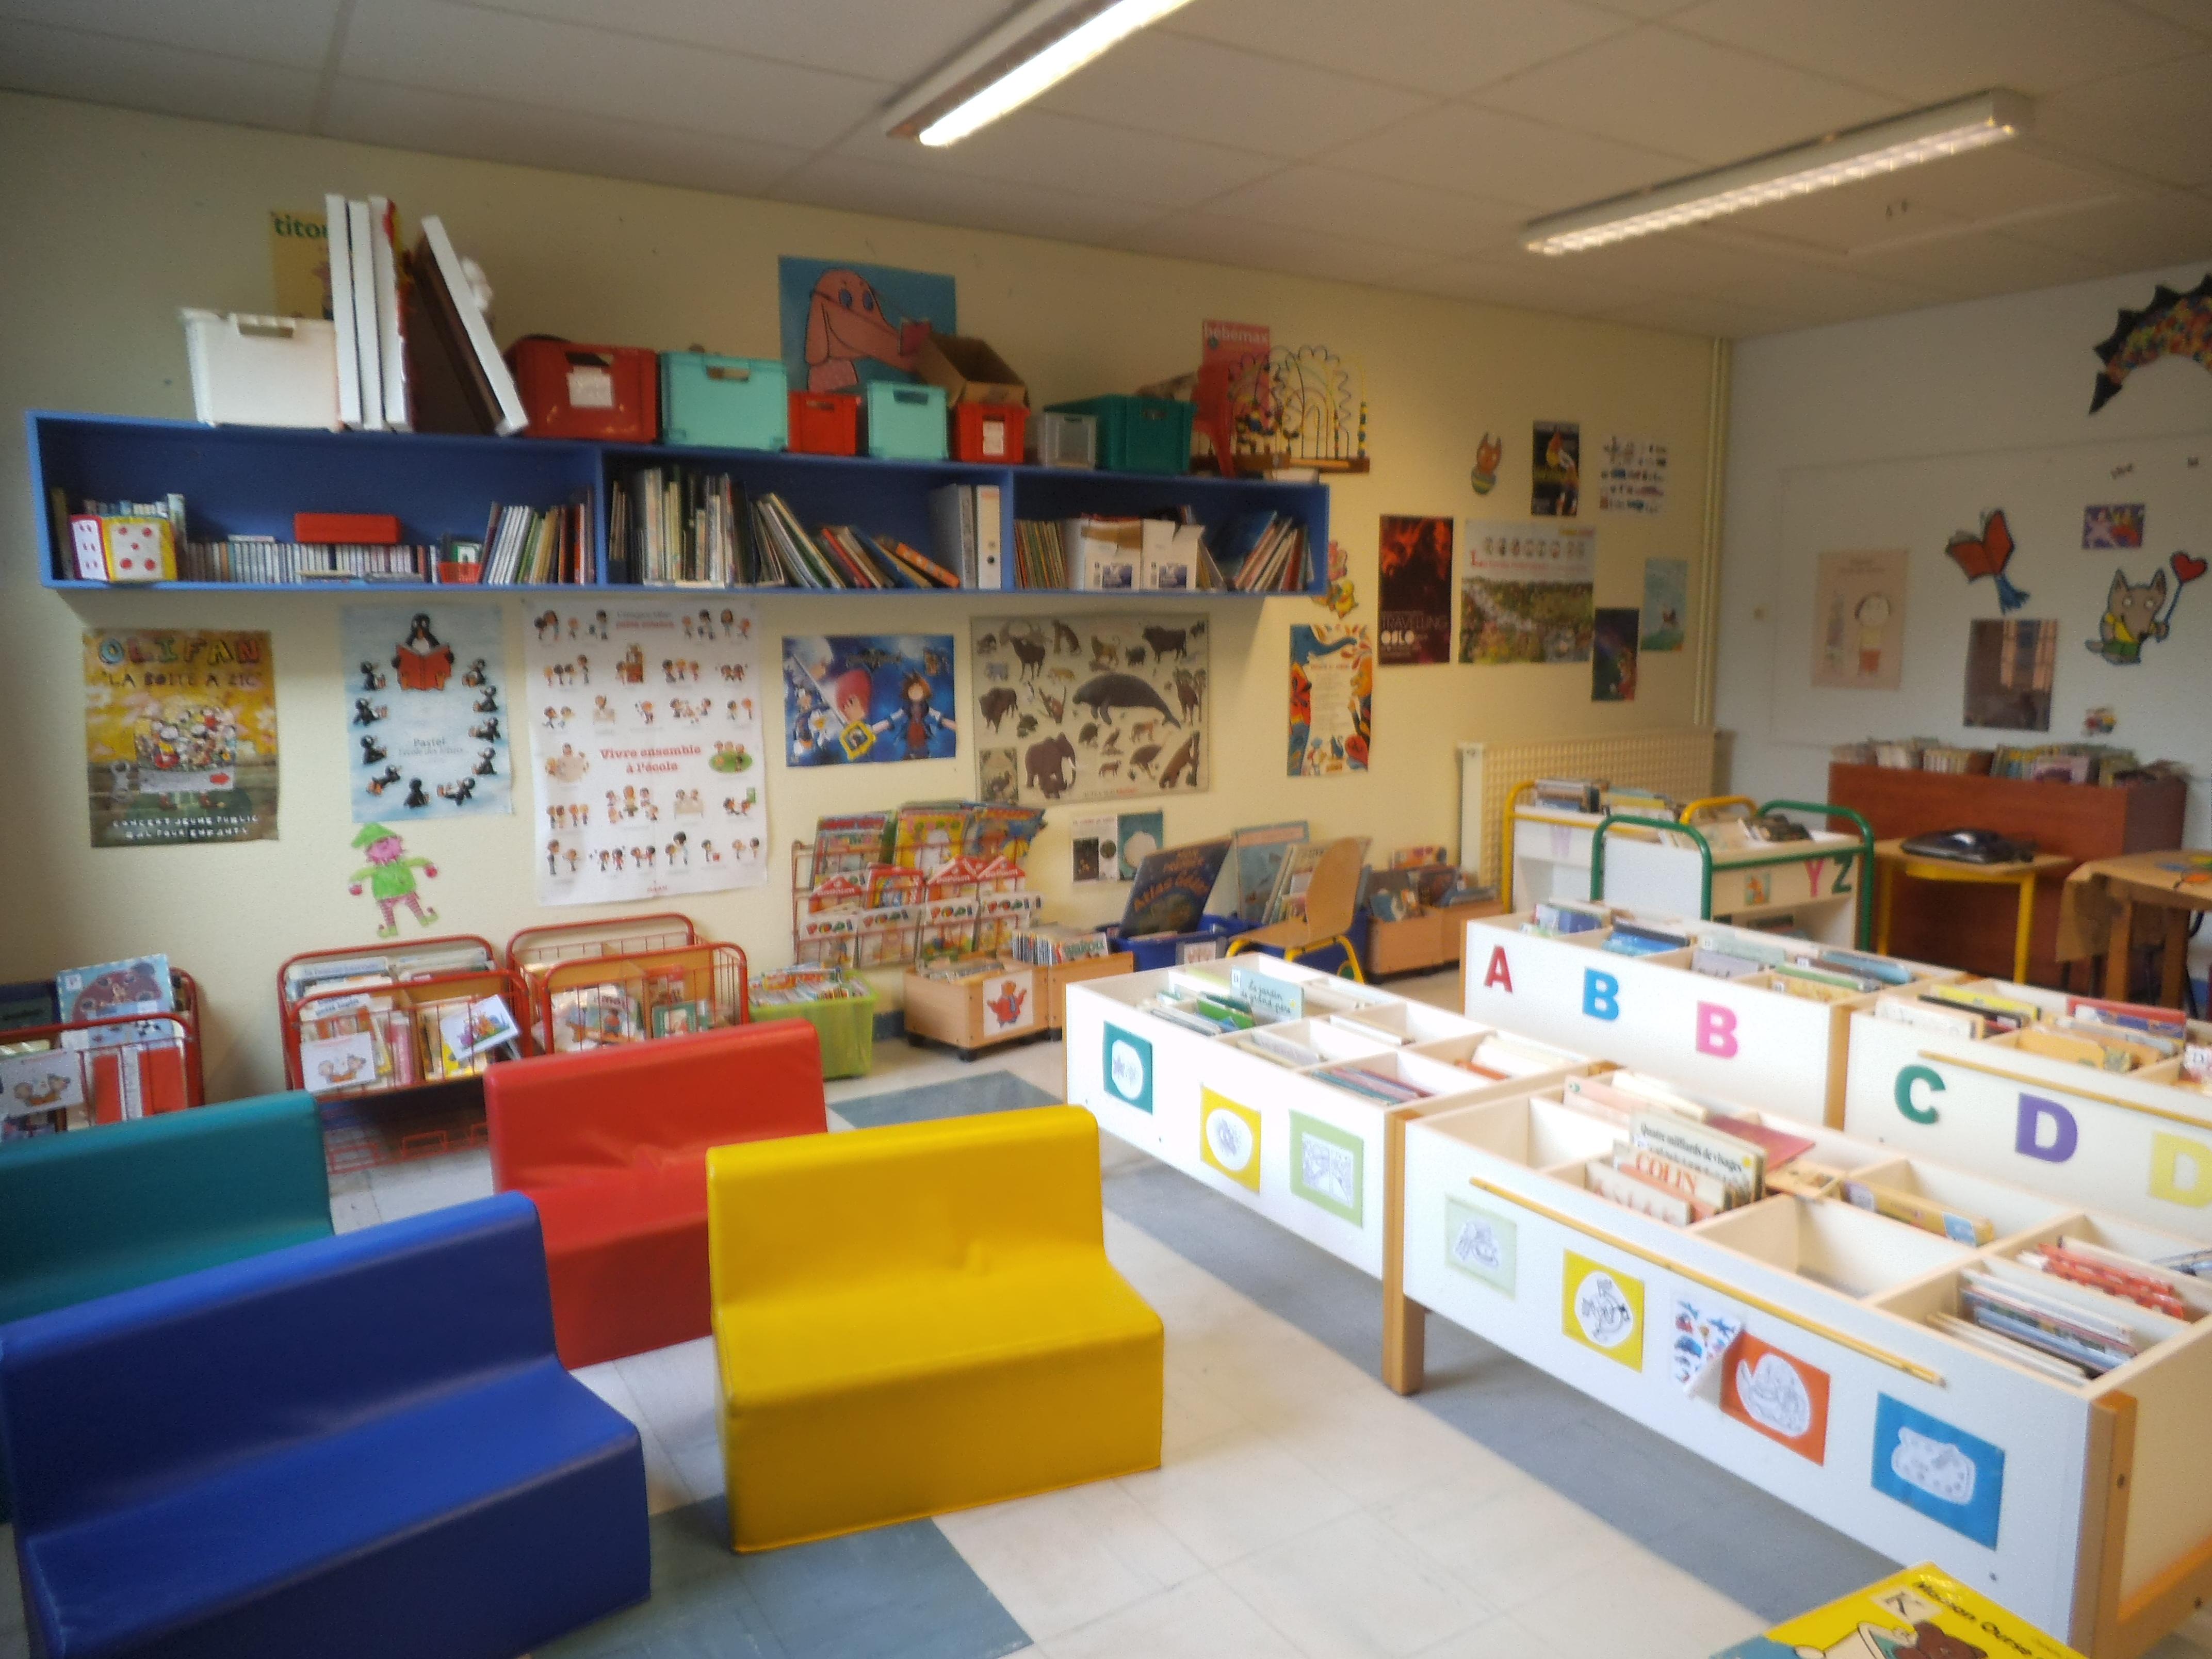 La biblioth que de l 39 cole b c d ecole maternelle publique de chavagne - Image d ecole maternelle ...